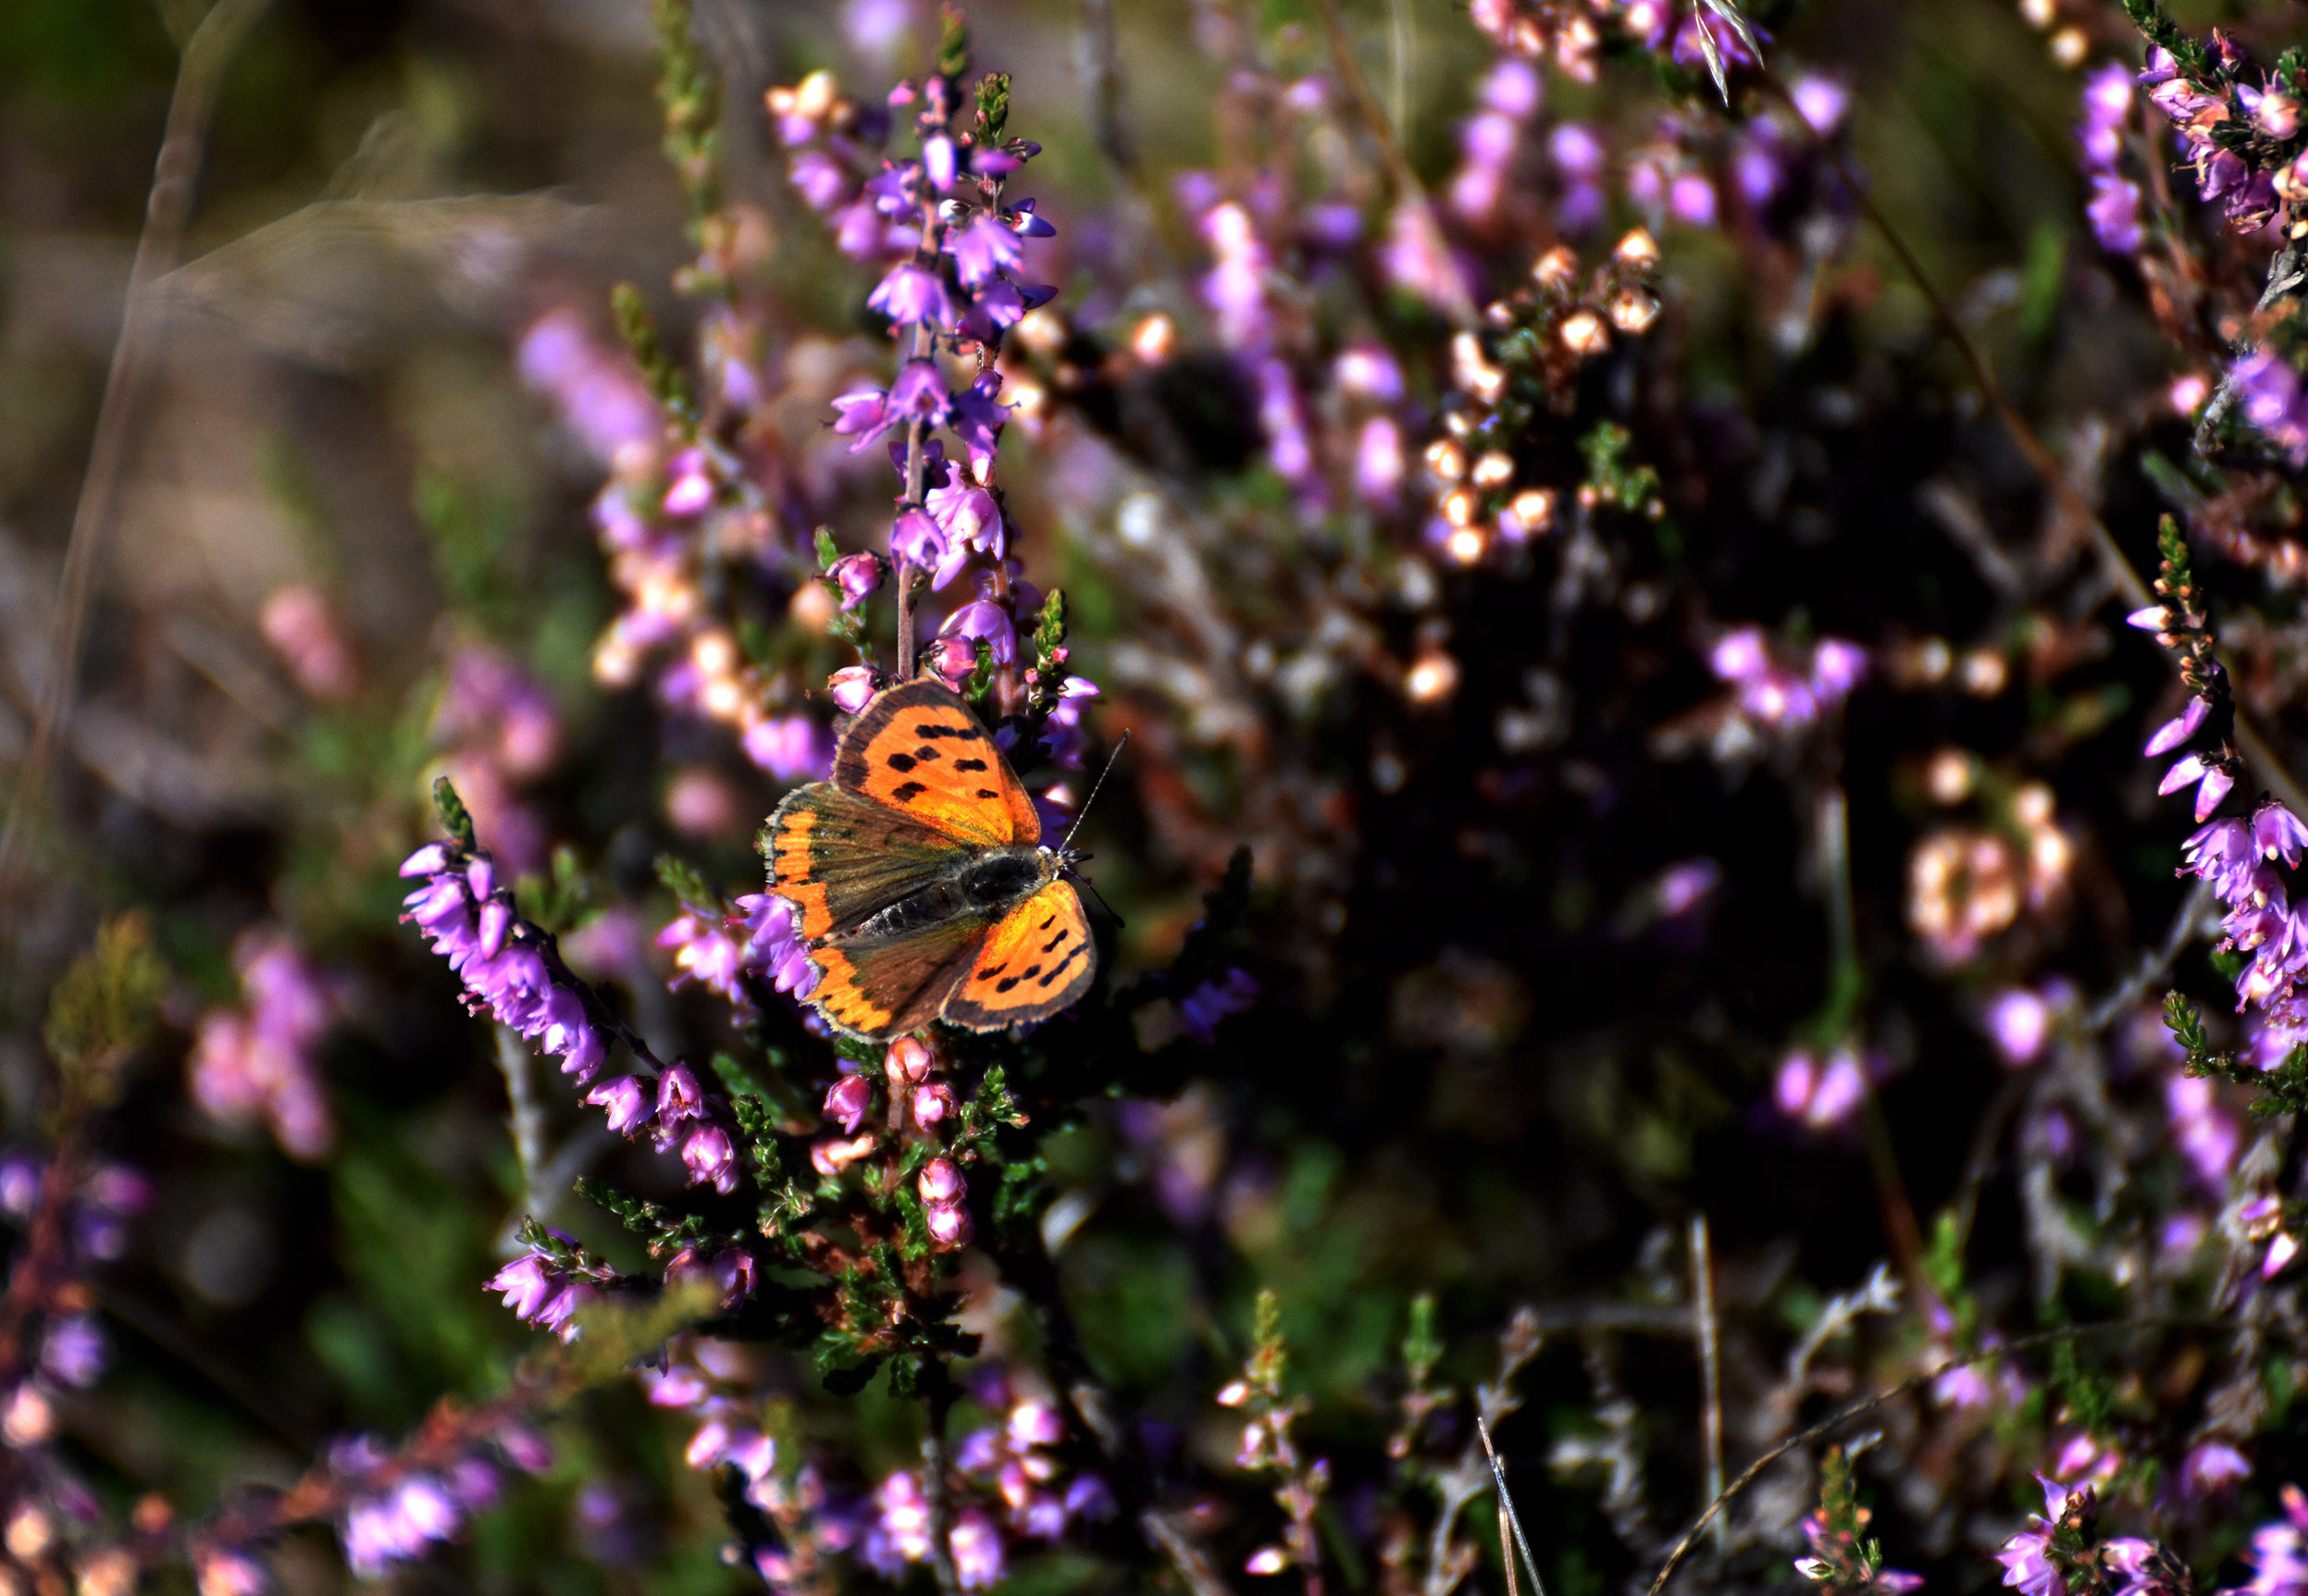 De Kleine vuurvlinder liet zich ook in grote getale zien in de bloeiende heide – Foto: ©Louis Fraanje